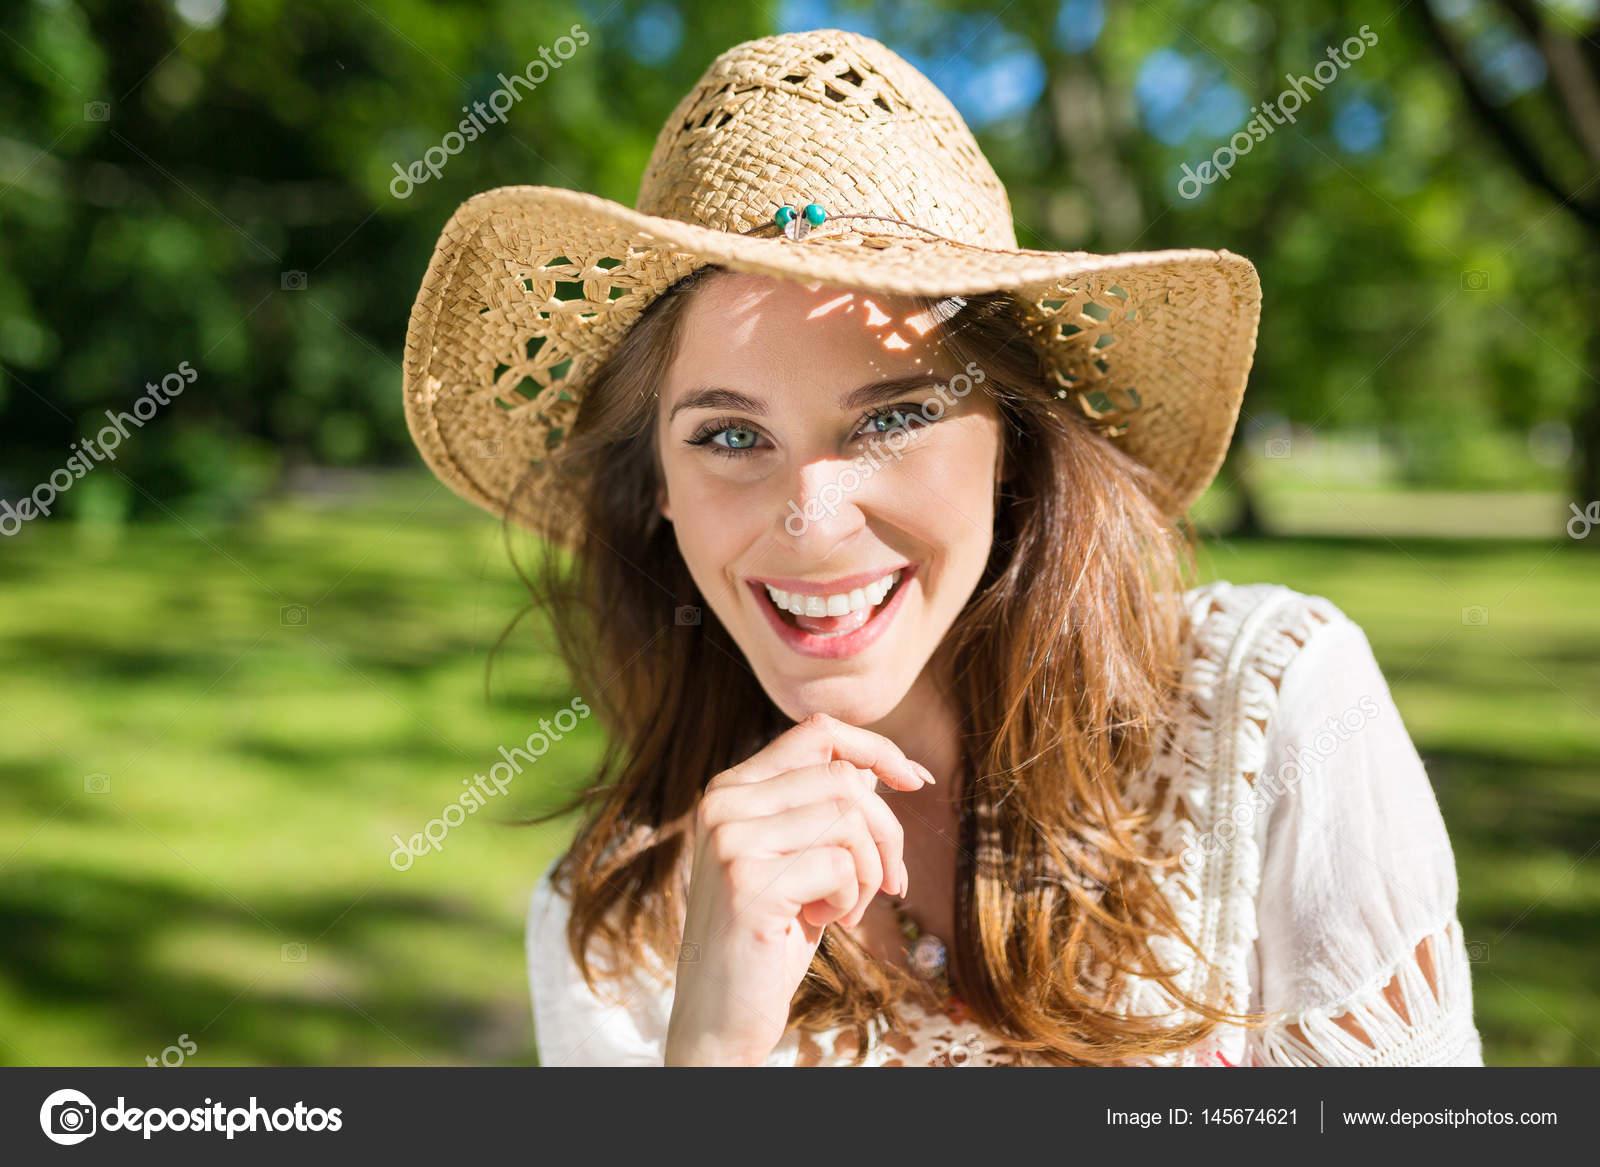 Hermosa mujer con sombrero Panamá fuera sonriendo — Foto de stock ... ae66a7faadd